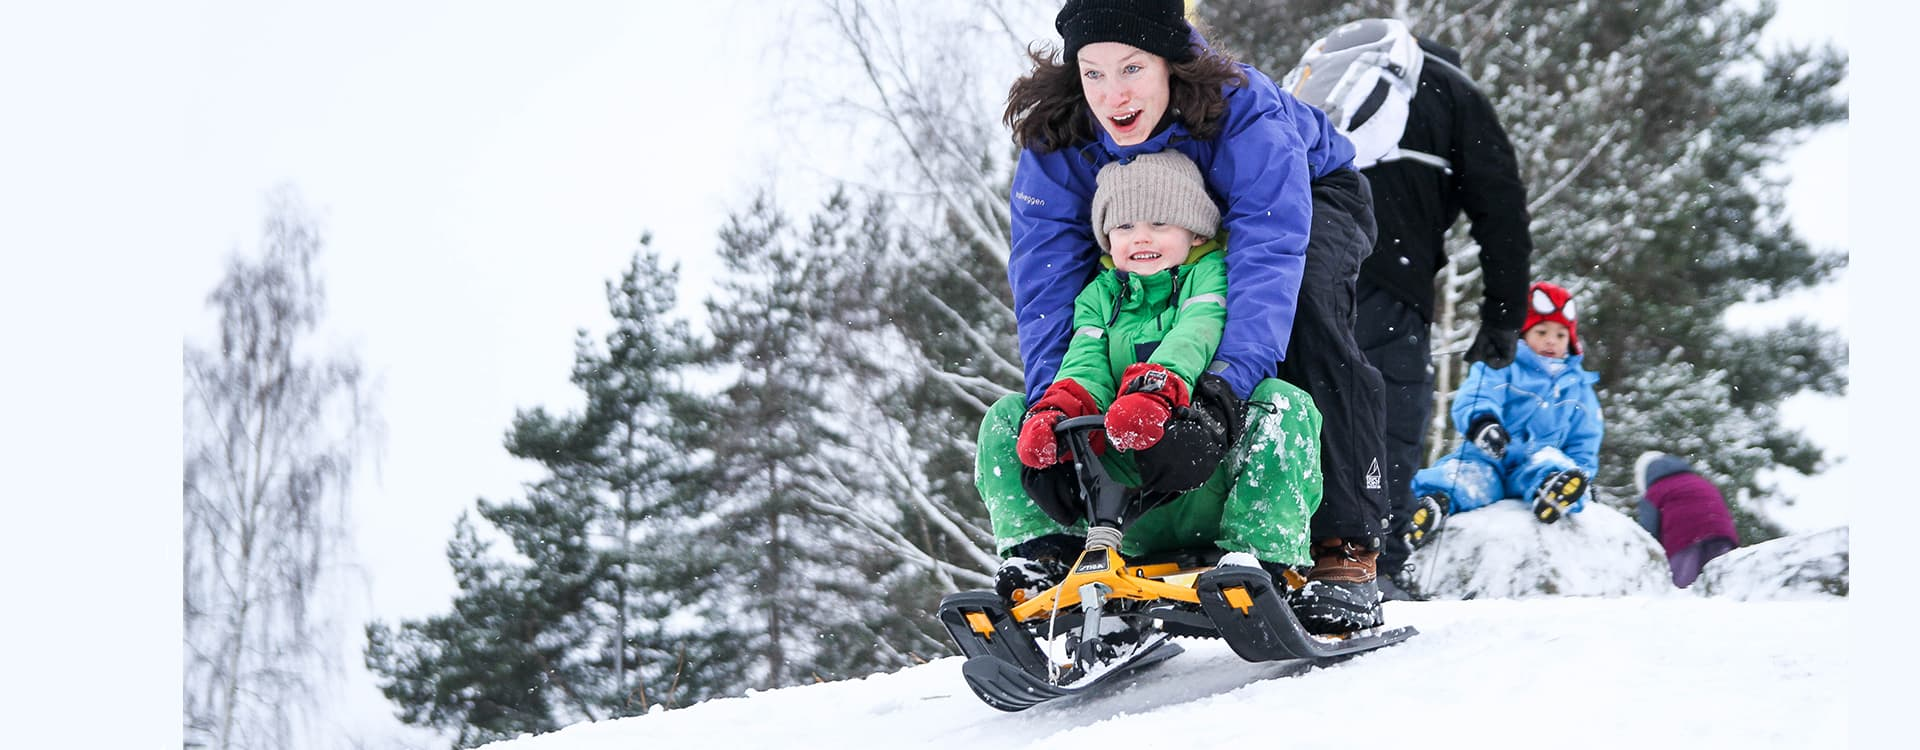 DNT inviterer til verdens største utebursdag 21. januar. FOTO: Marius Dalseg Sætre/DNT